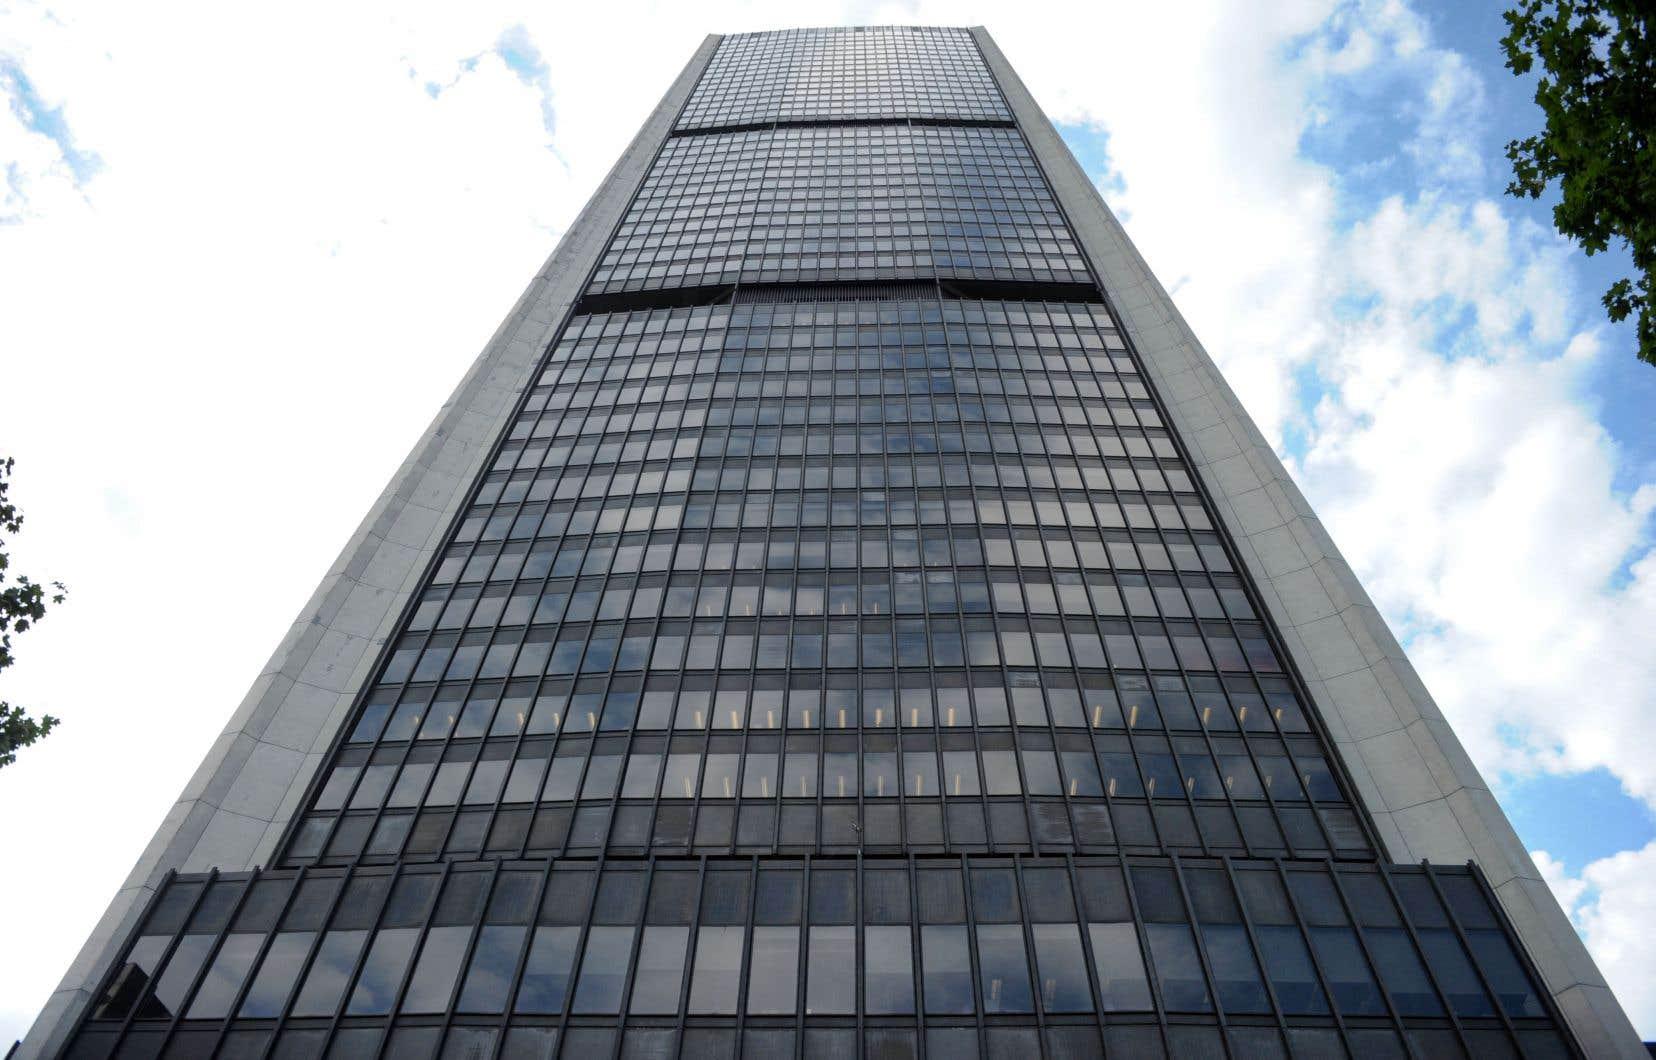 Environ 3000 contrats se sont négociés pour cette première journée «durant les heures asiatiques», précise Luc Fortin, président et chef de la direction de la Bourse de Montréal.